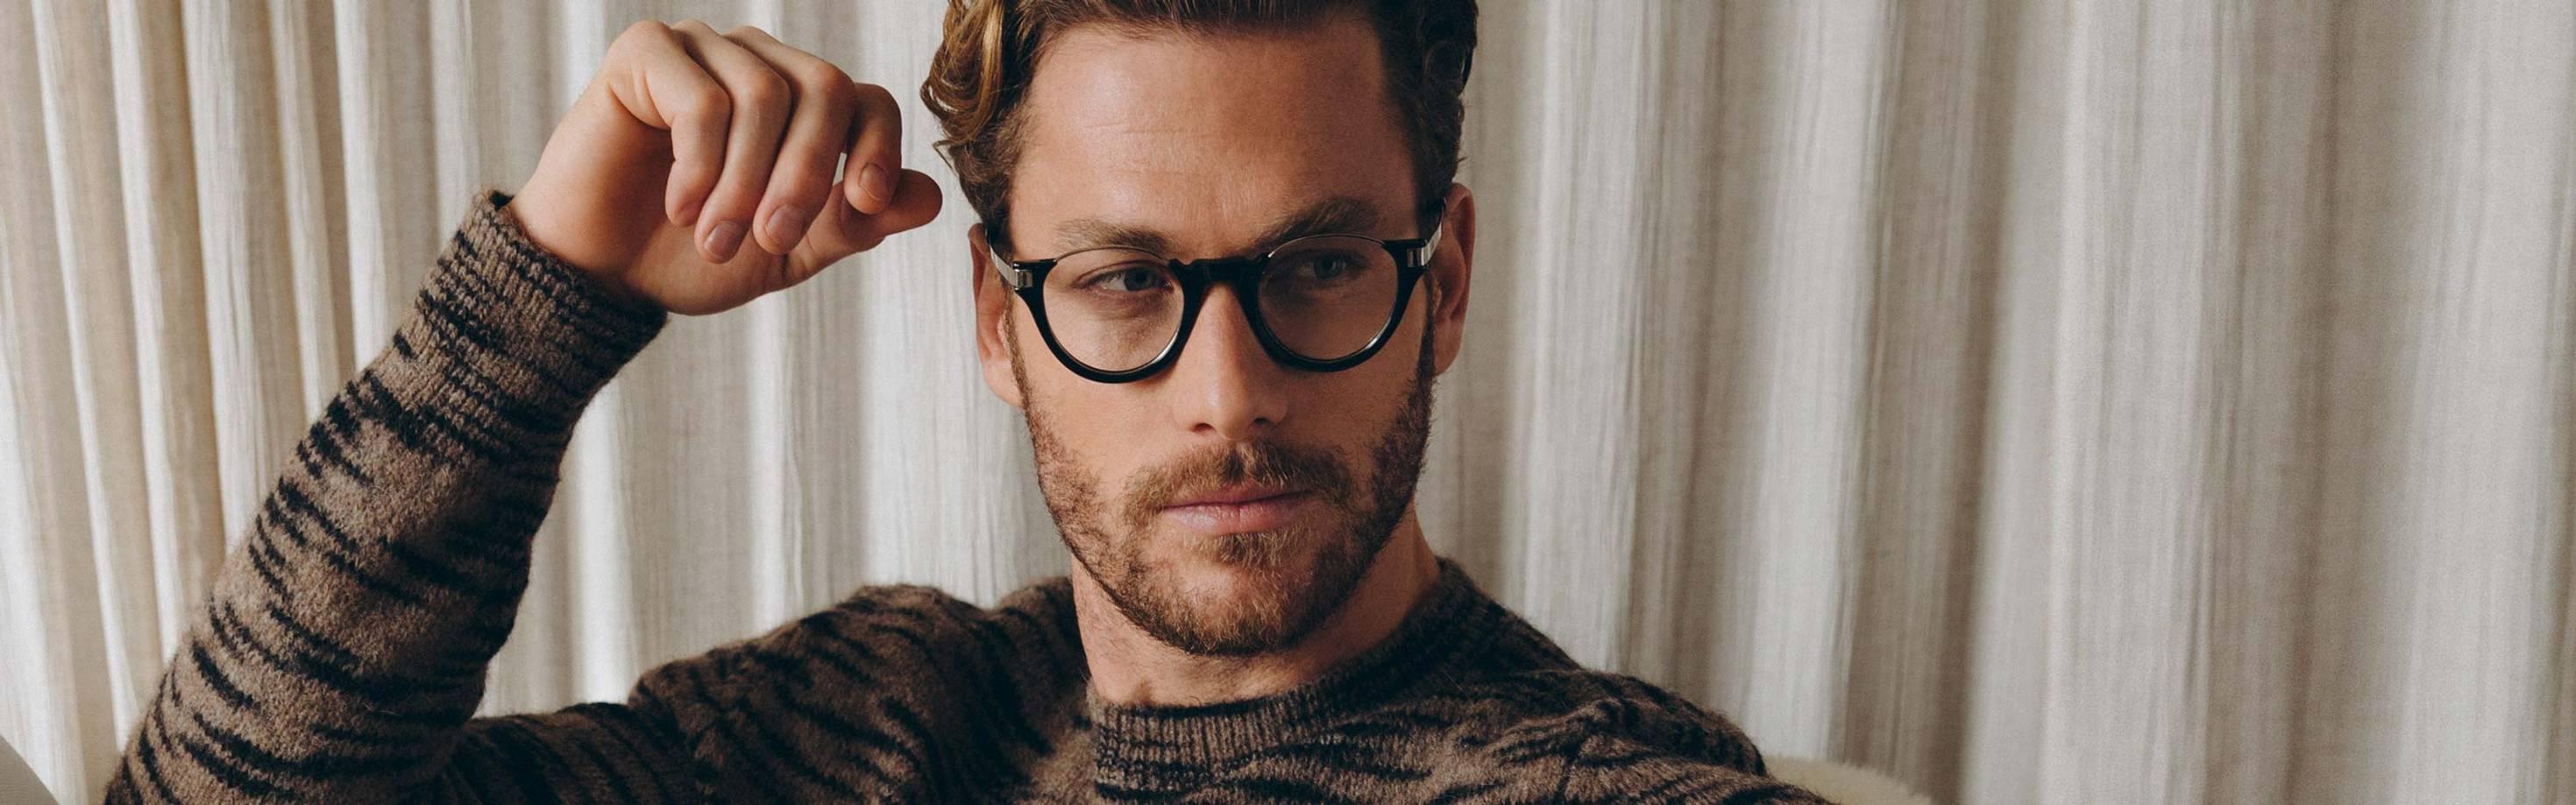 Reading Glasses for Men